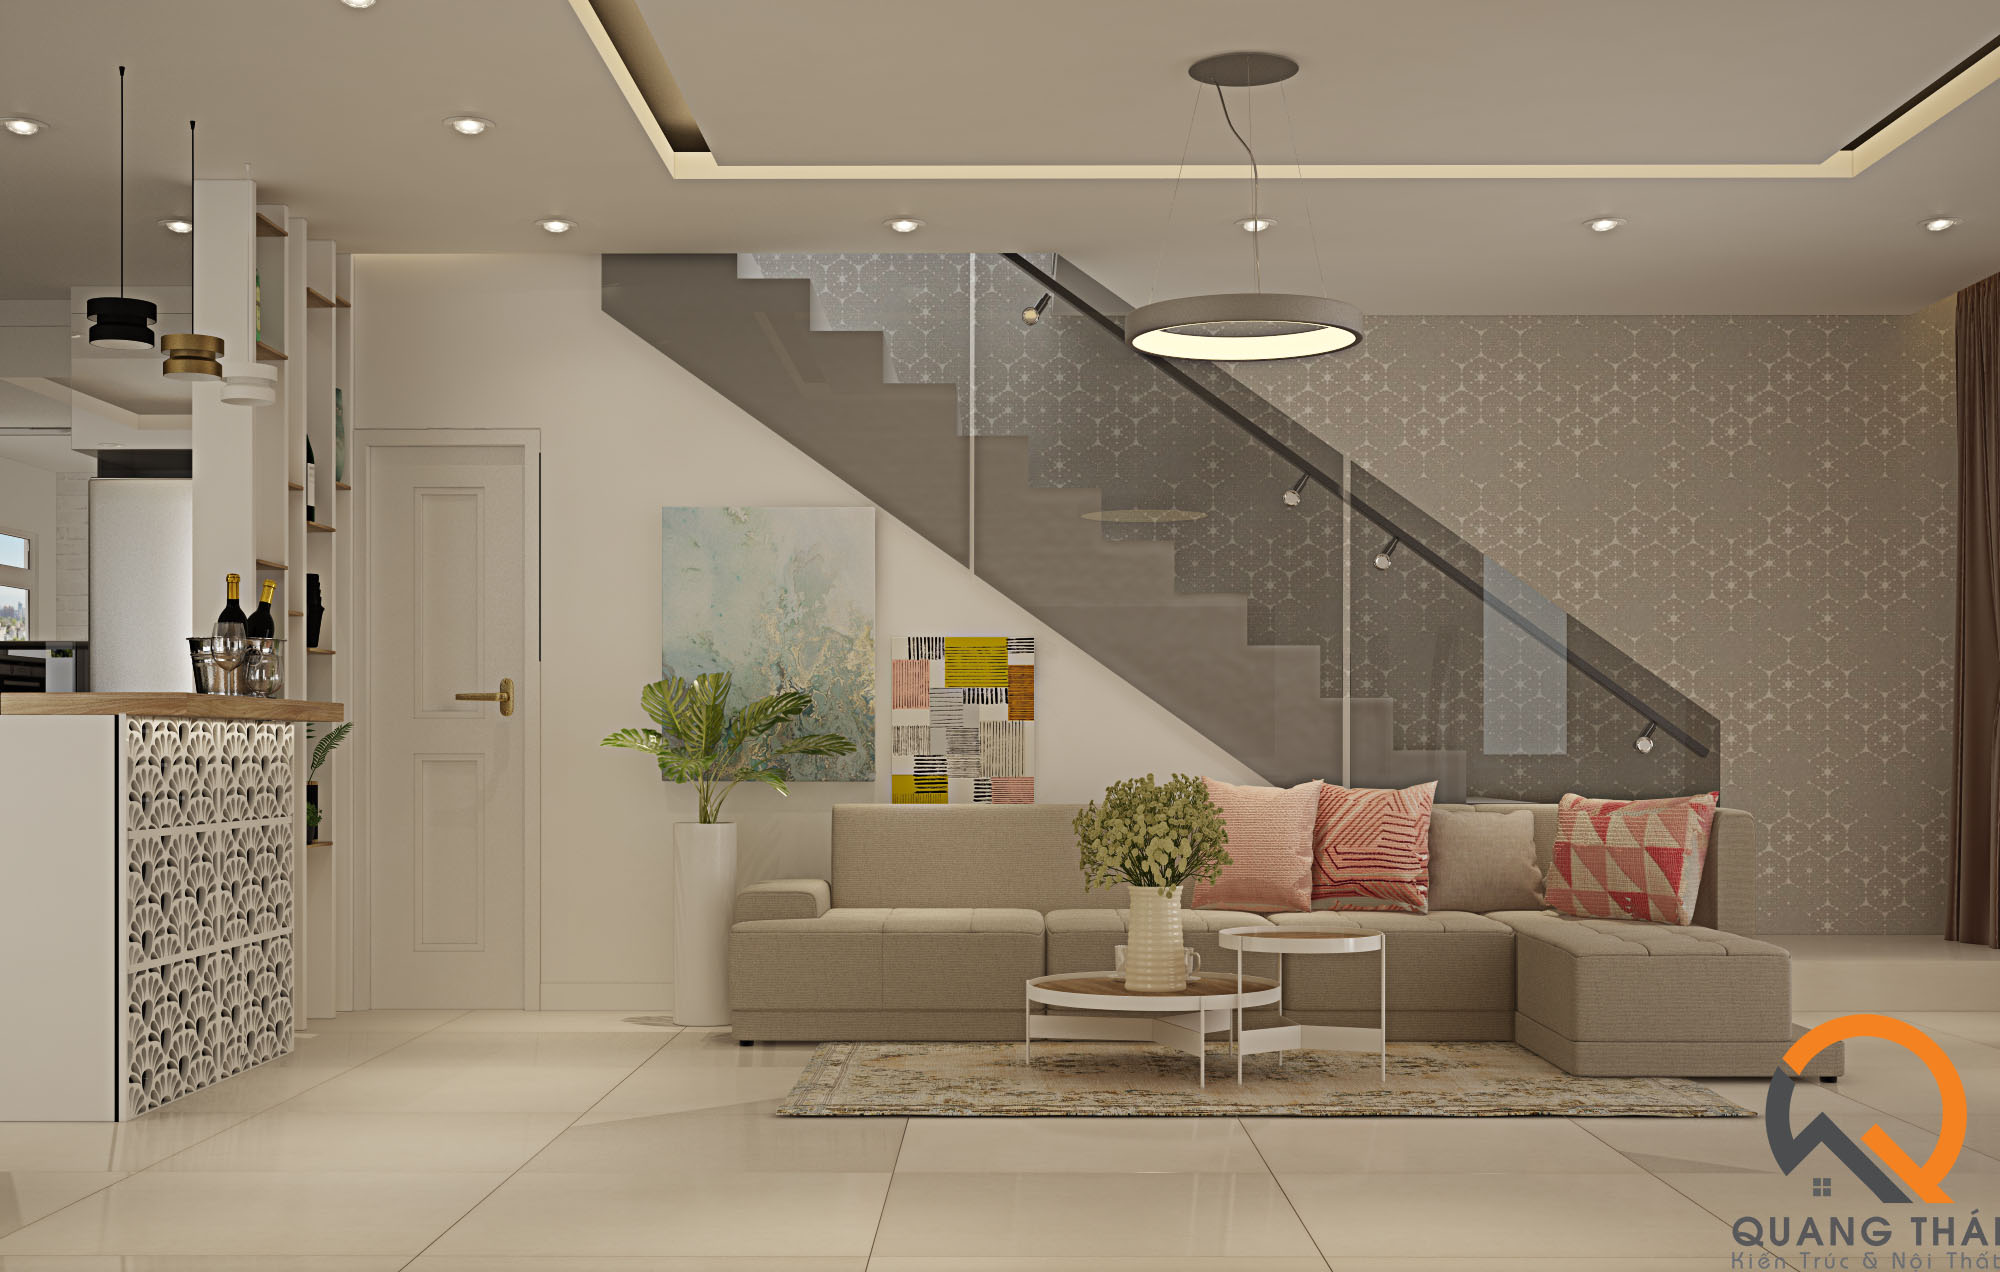 Nội thất phòng khách tầng trệt với tông trắng thuần khiết, tinh tế.